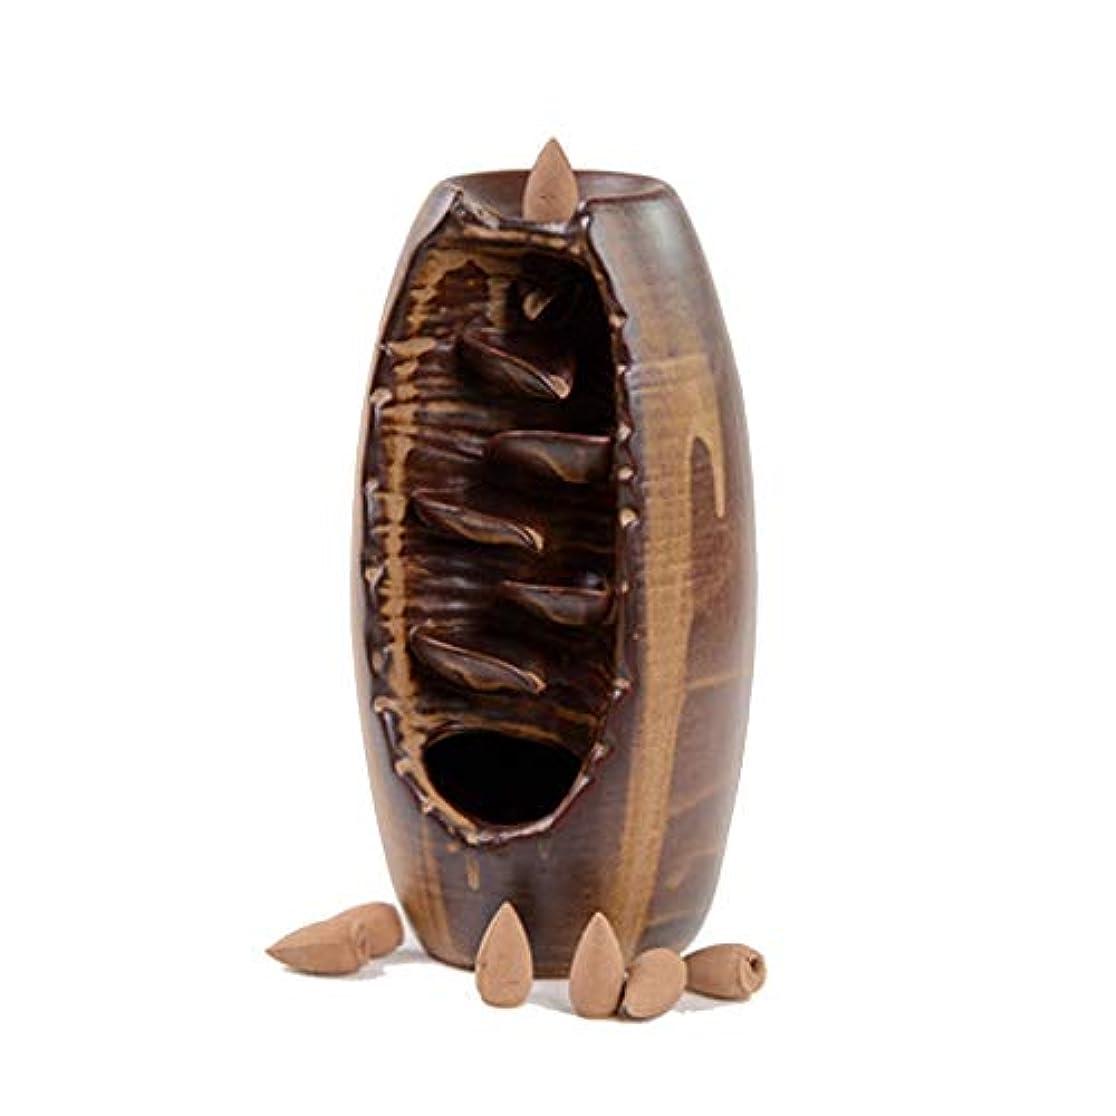 アクティブ並外れて同意する滝の逆流香香裏香バーナーホームアロマセラピージュエリータワー香香陶器の装飾品 (Color : BROWN, Size : 19*10*19CM)